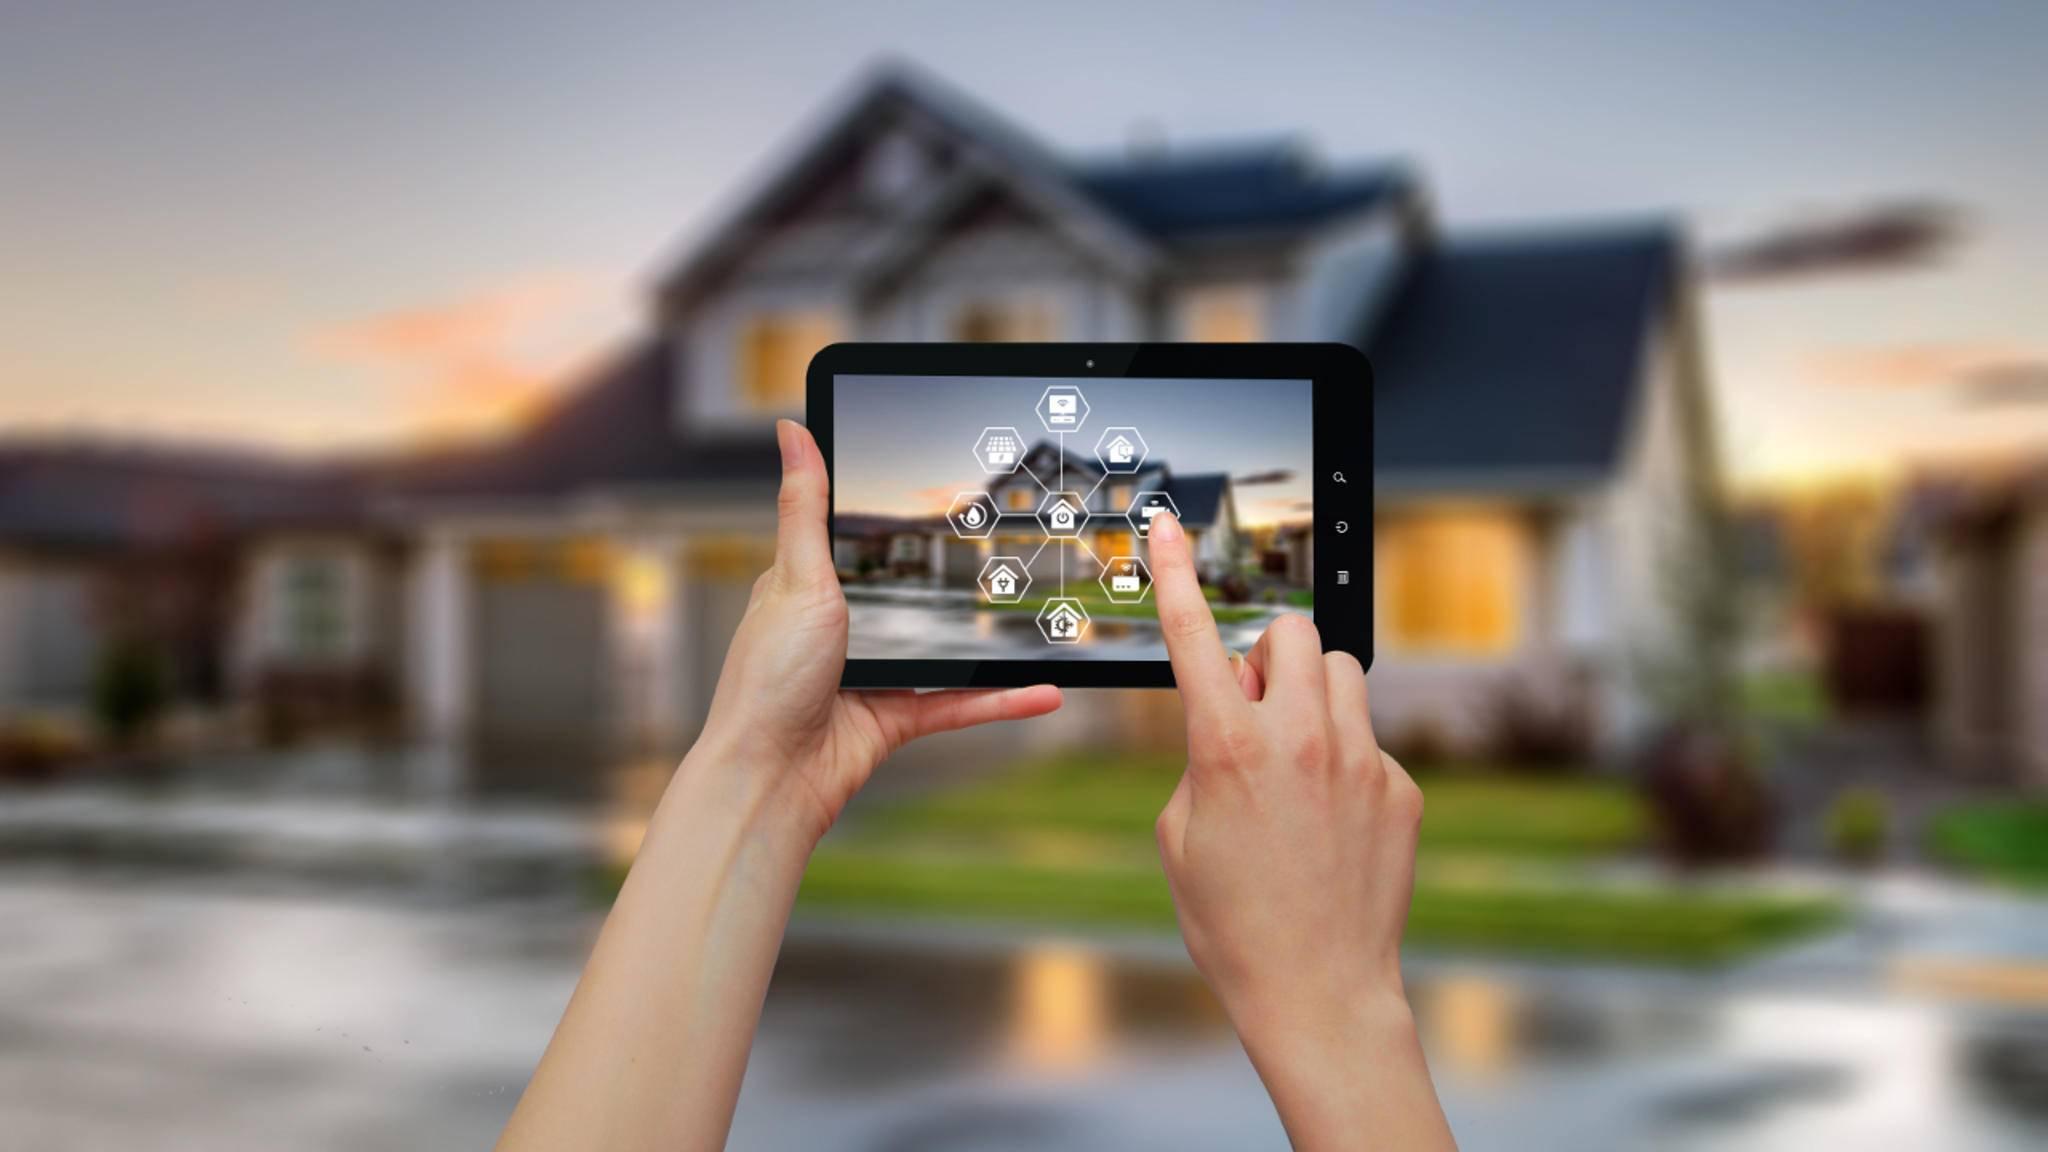 Die Haustechnik im Griff: Startersets machen den Einstieg ins Smart Home ganz leicht.